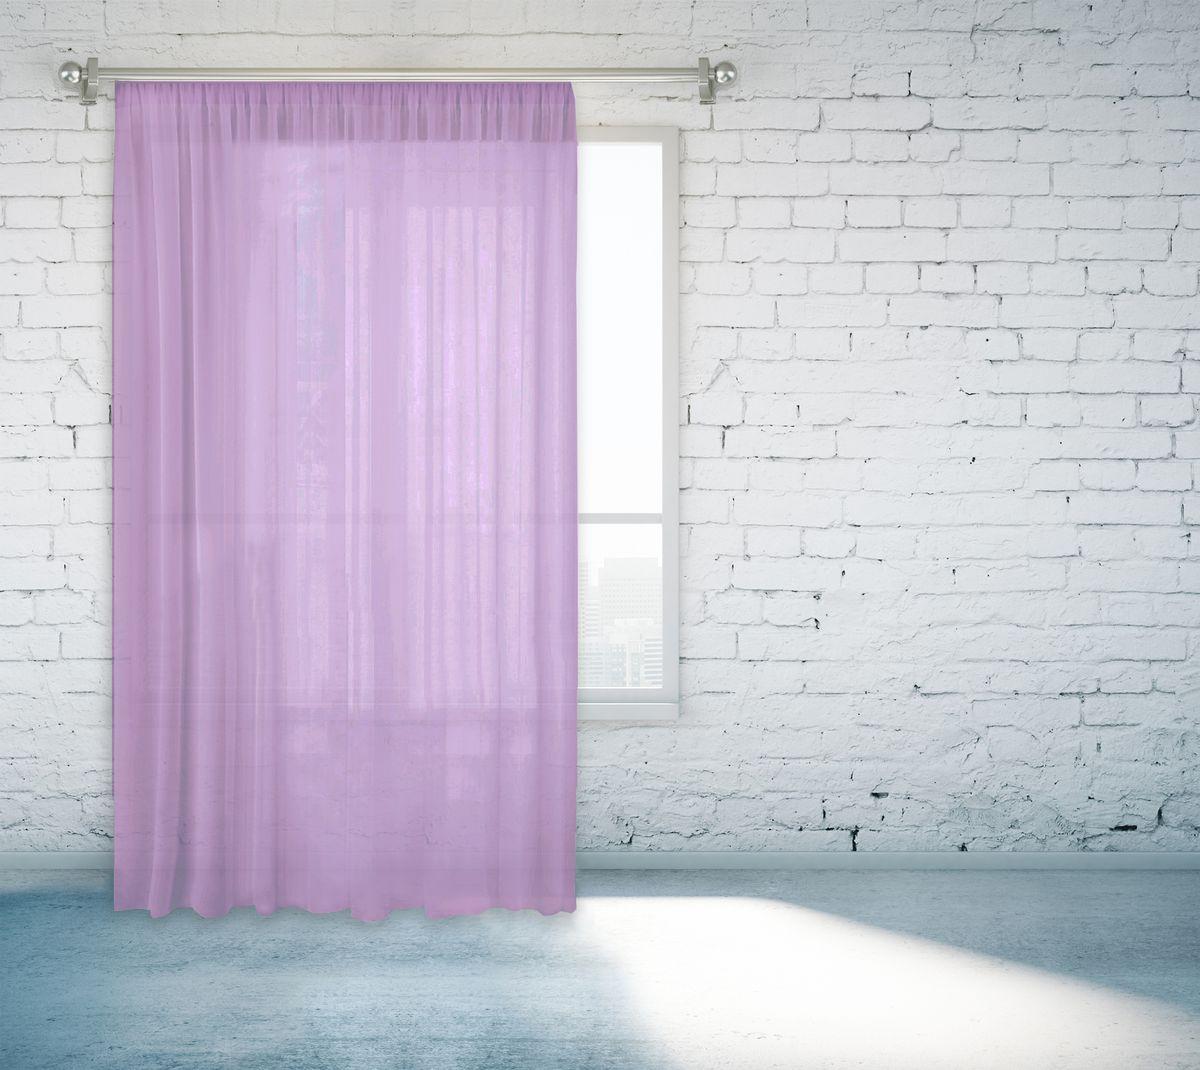 Тюль Zlata Korunka, на ленте, цвет: сиреневый, высота 260 см. 55670-955670-9Тюль Zlata Korunka, изготовленный из полиэстера, великолепно украсит любое окно. Воздушная ткань и приятная, приглушенная гамма привлекут к себе внимание и органично впишутся в интерьер помещения. Полиэстер - вид ткани, состоящий из полиэфирных волокон. Ткани из полиэстера - легкие, прочные и износостойкие. Такие изделия не требуют специального ухода, не пылятся и почти не мнутся.Тюль крепится на карниз при помощи ленты, которая поможет красиво и равномерно задрапировать верх. Такой тюль идеально оформит интерьер любого помещения.